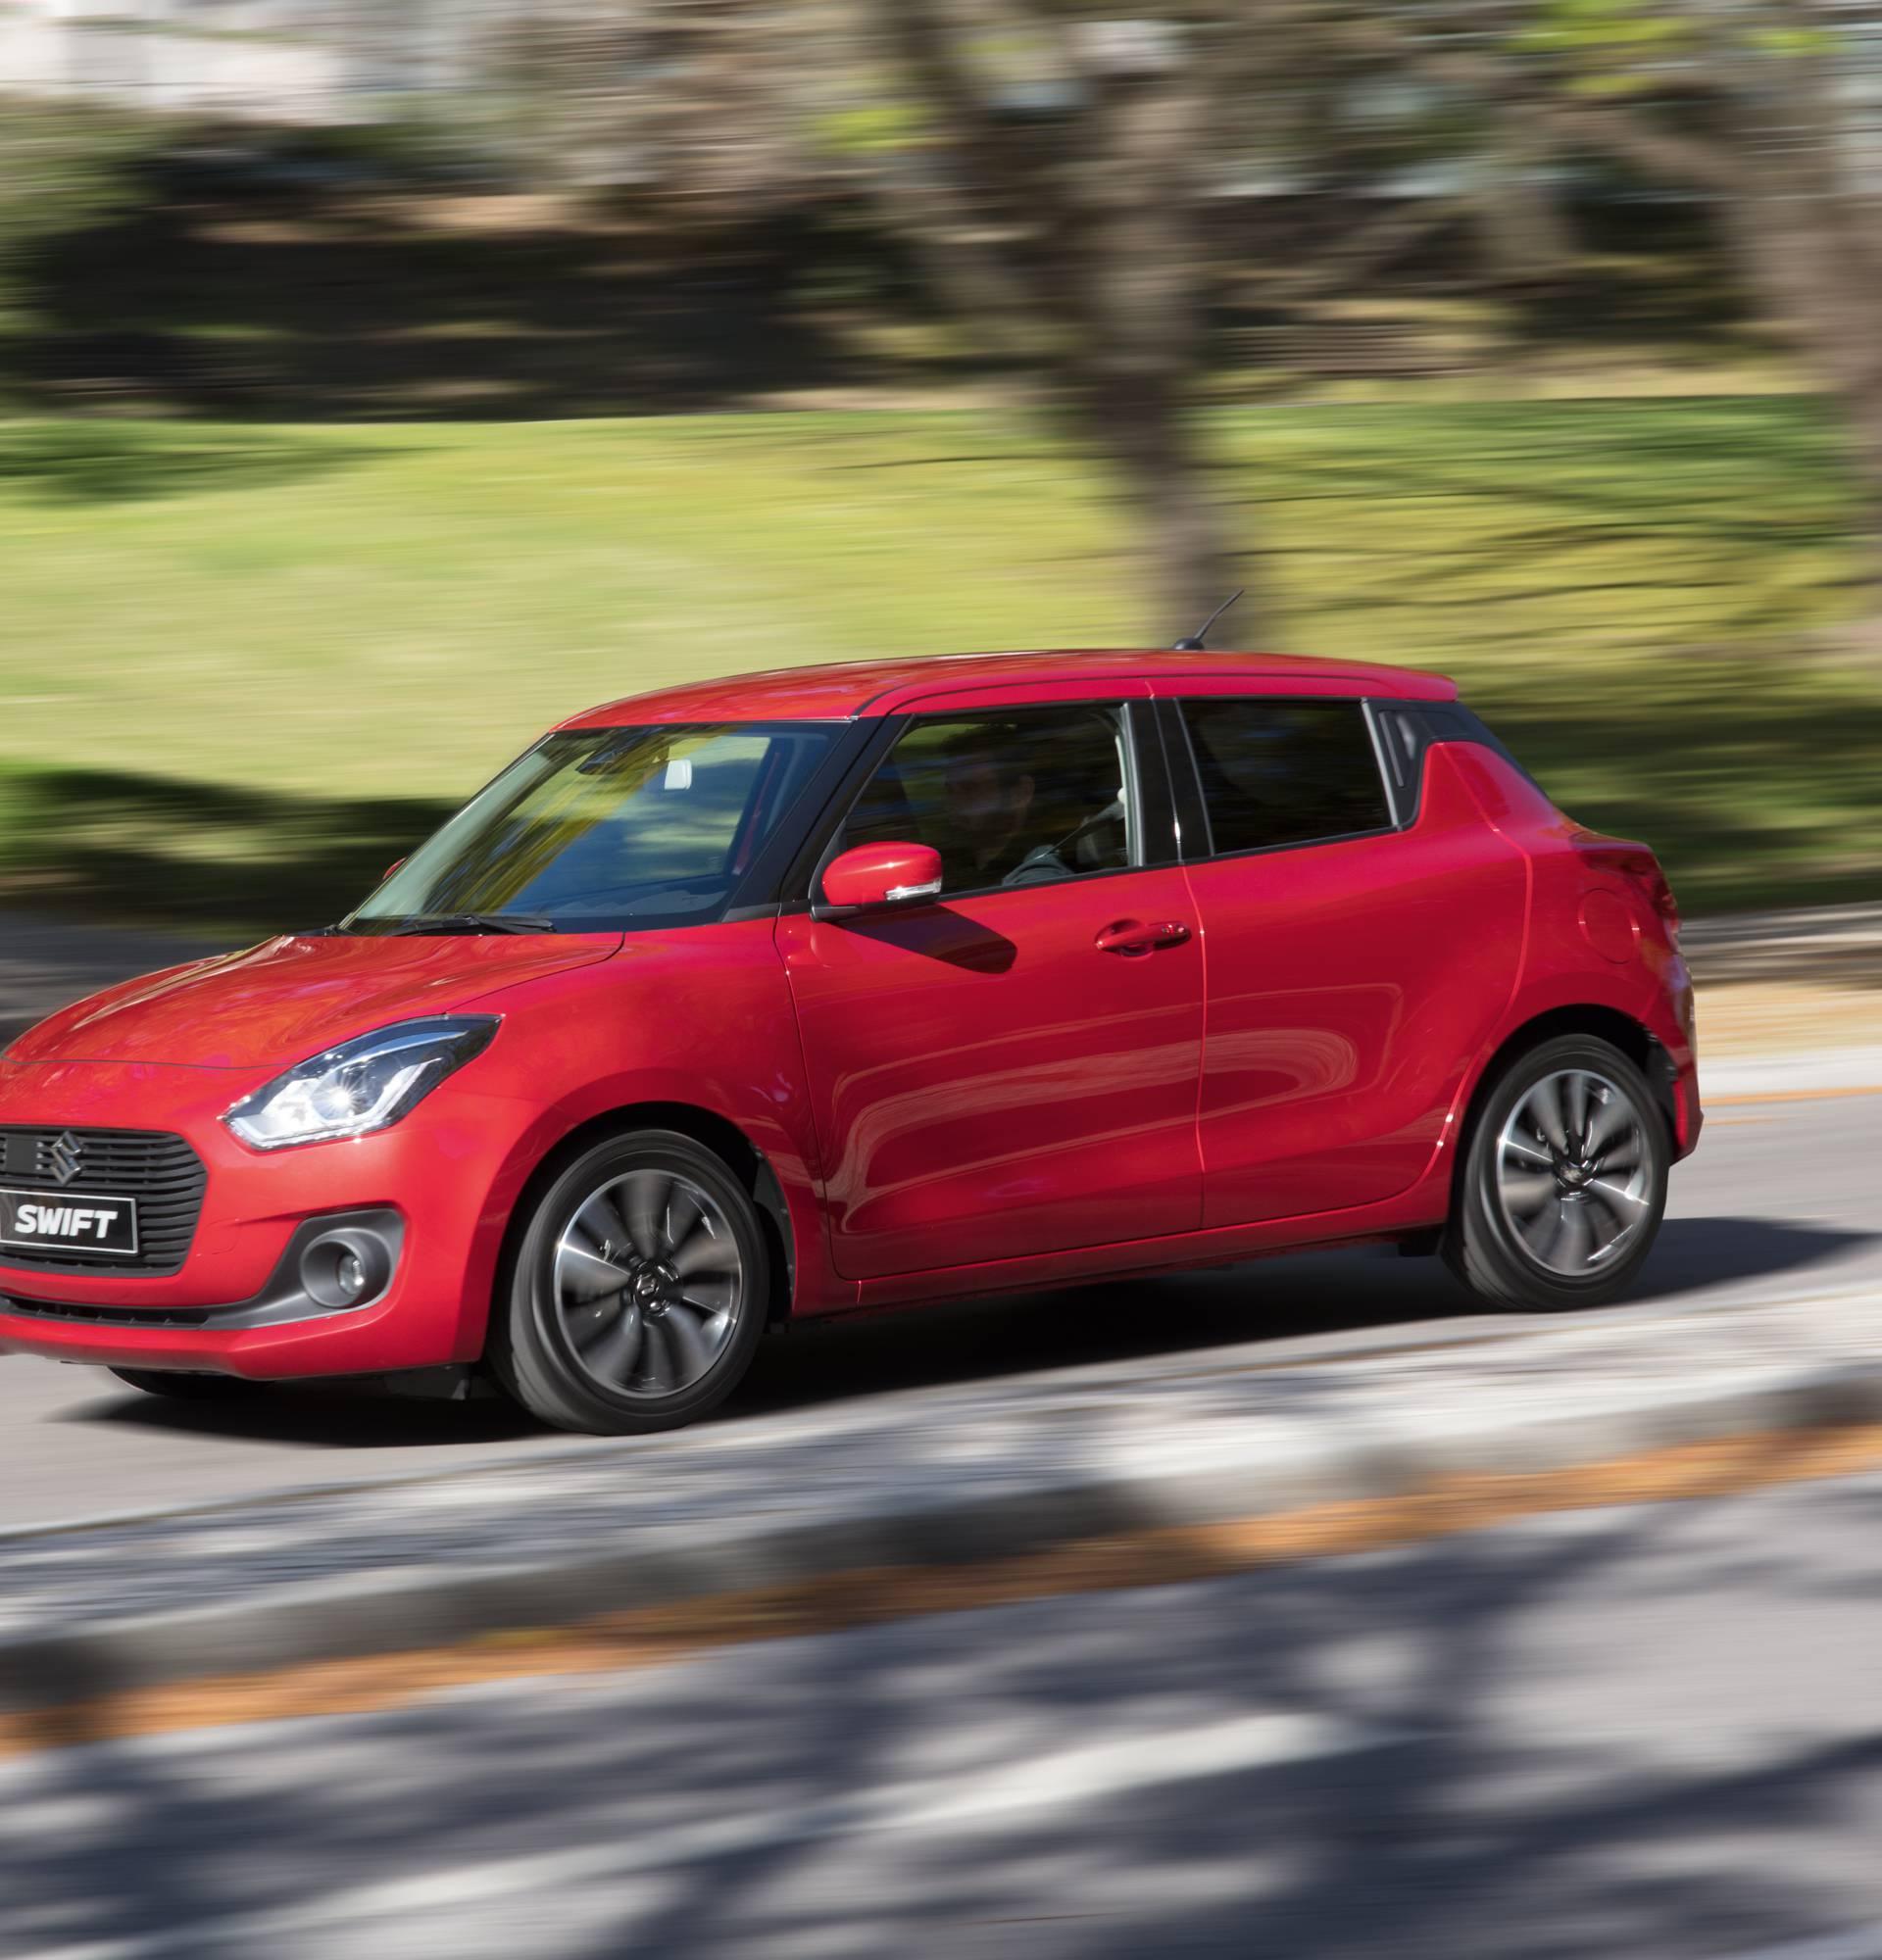 Lakši, življi i zabavniji u vožnji: Igrajte i osvojite Suzuki Swift